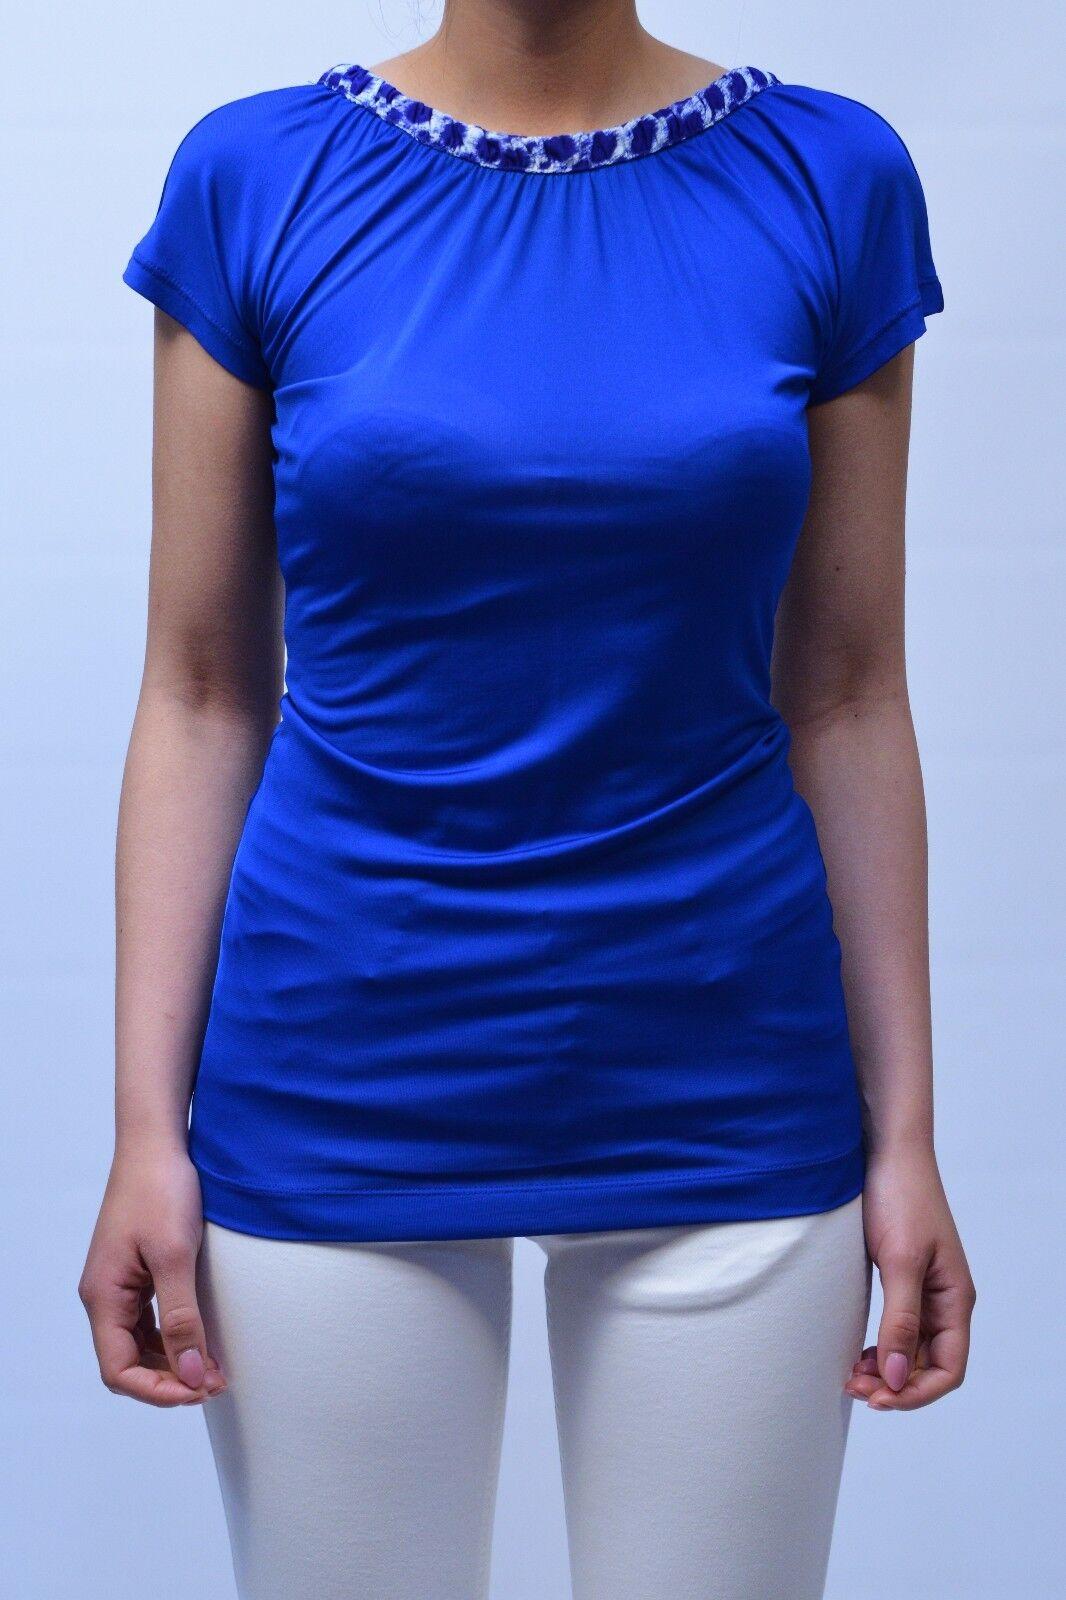 T-SHIRT JUST CAVALLI damen WOMAN ФУТБОЛКА, NC0013N20027 Blau MIS.L PP 12